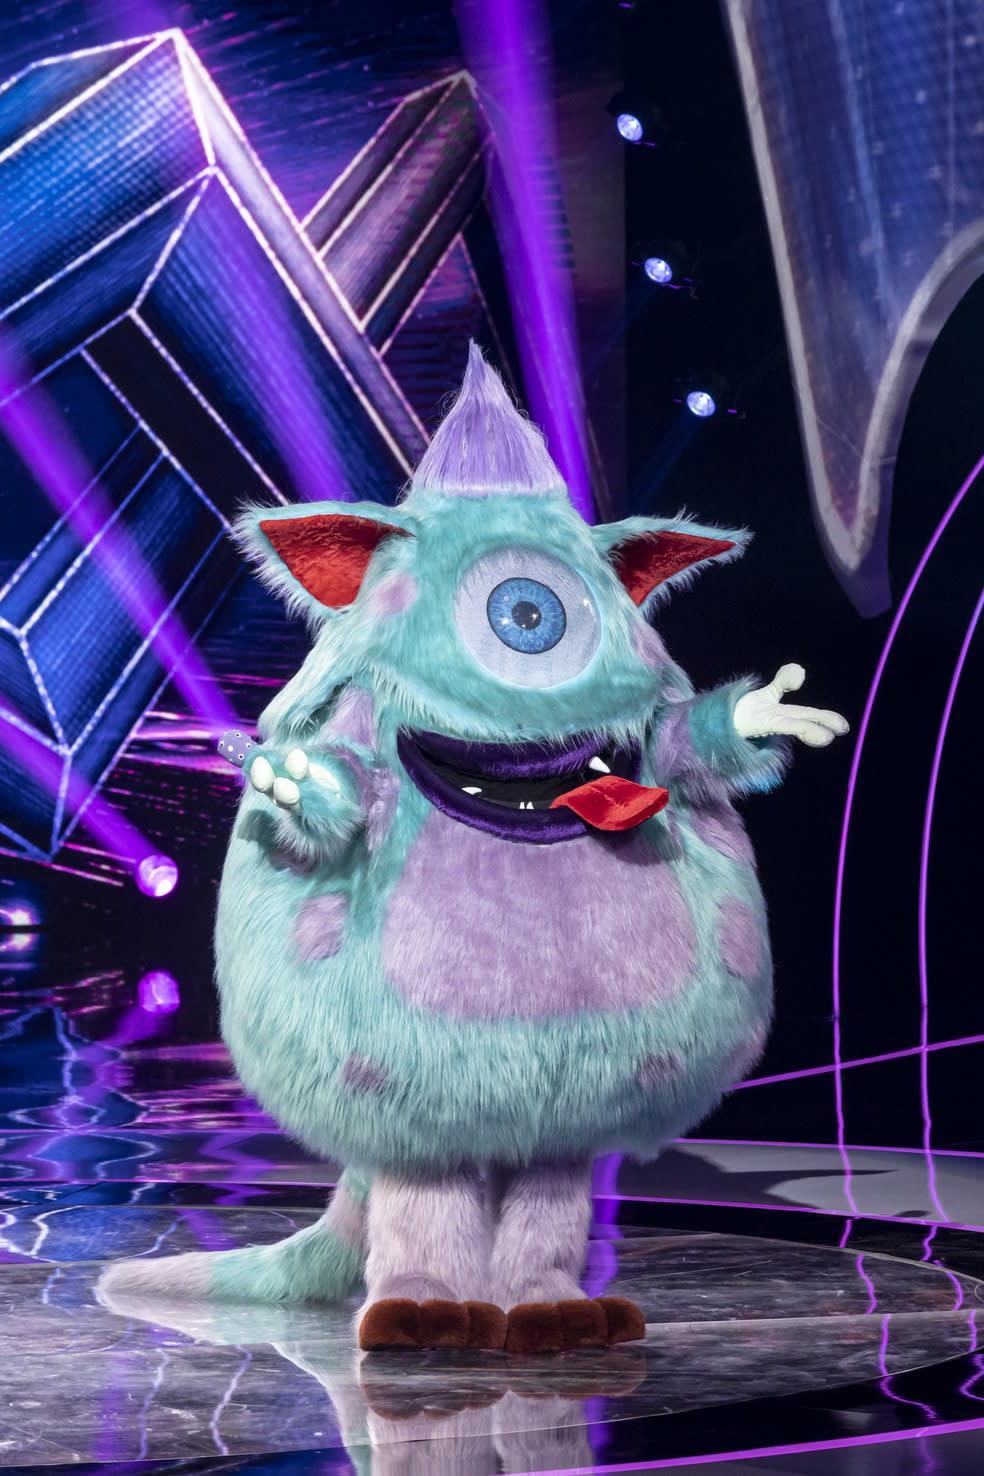 Monstro The Masked Singer